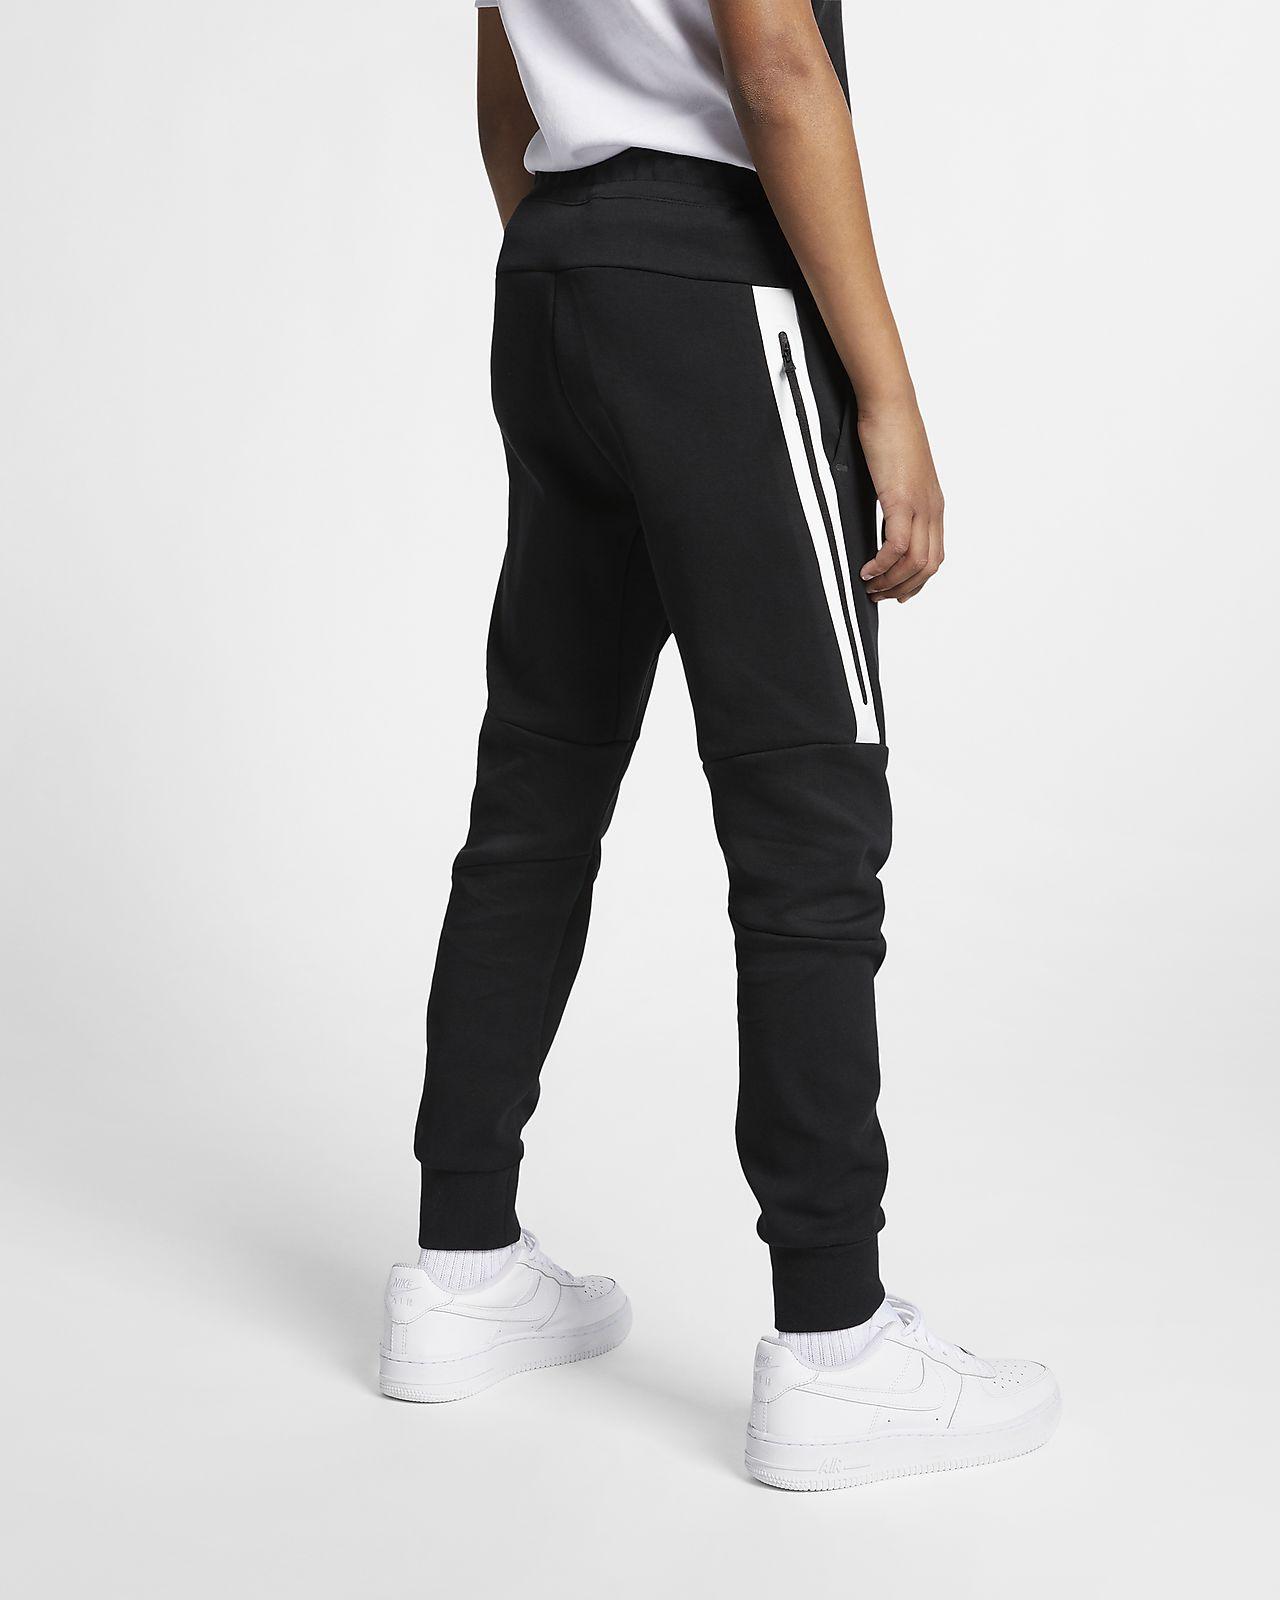 4869fee2db1e Nike Sportswear Older Kids  Tech Fleece Trousers. Nike.com AU